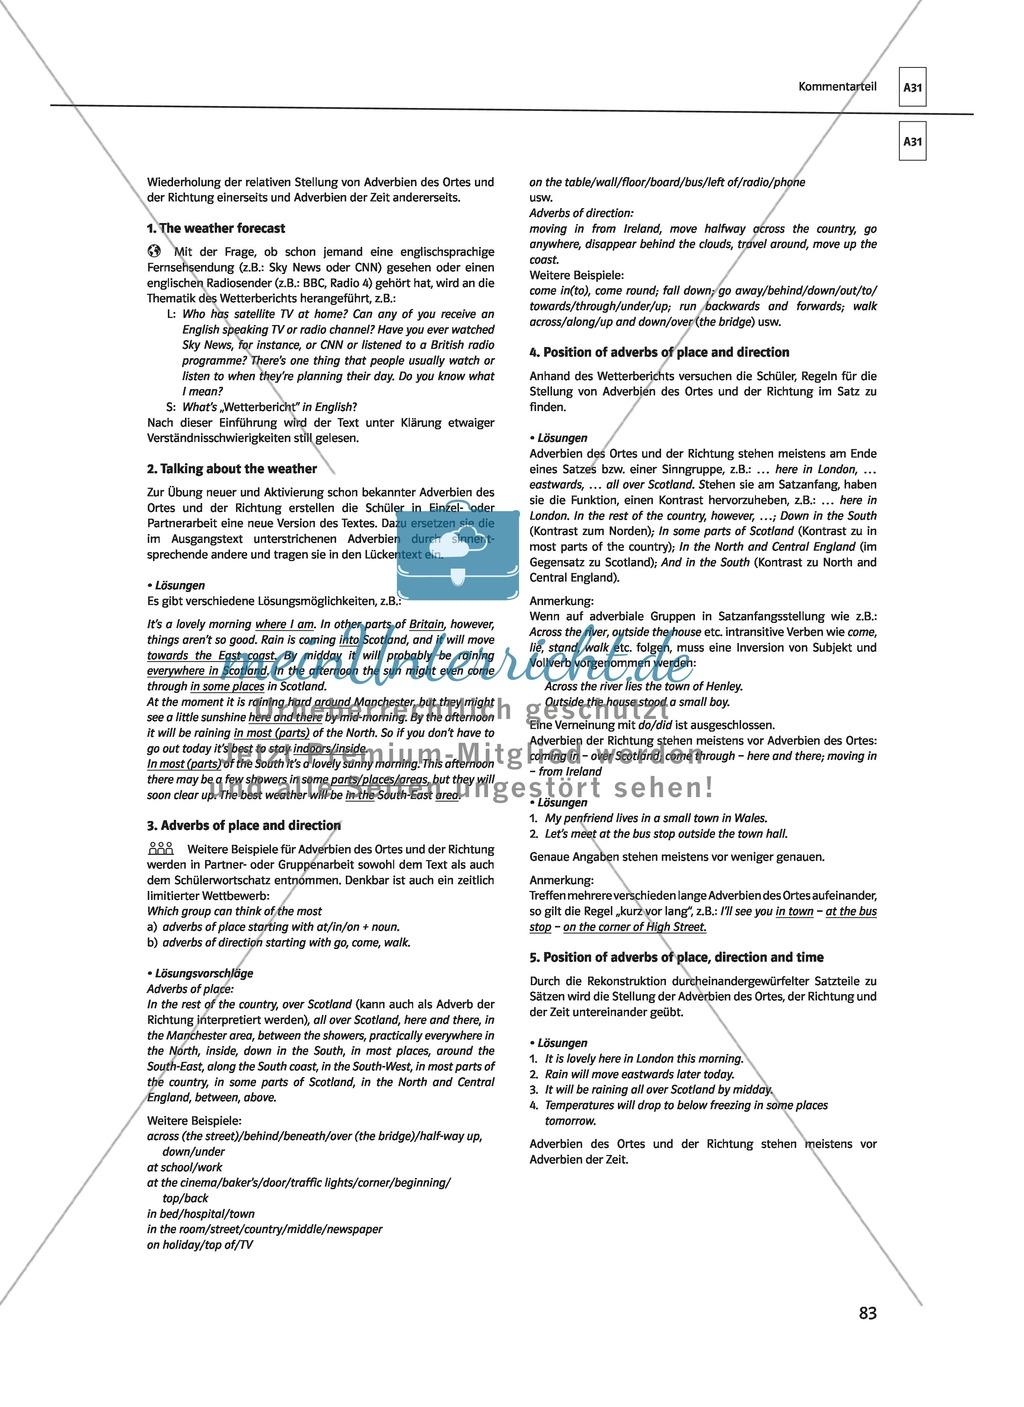 Englische Grammatik üben: Arbeitsblätter zu Adverbien - meinUnterricht